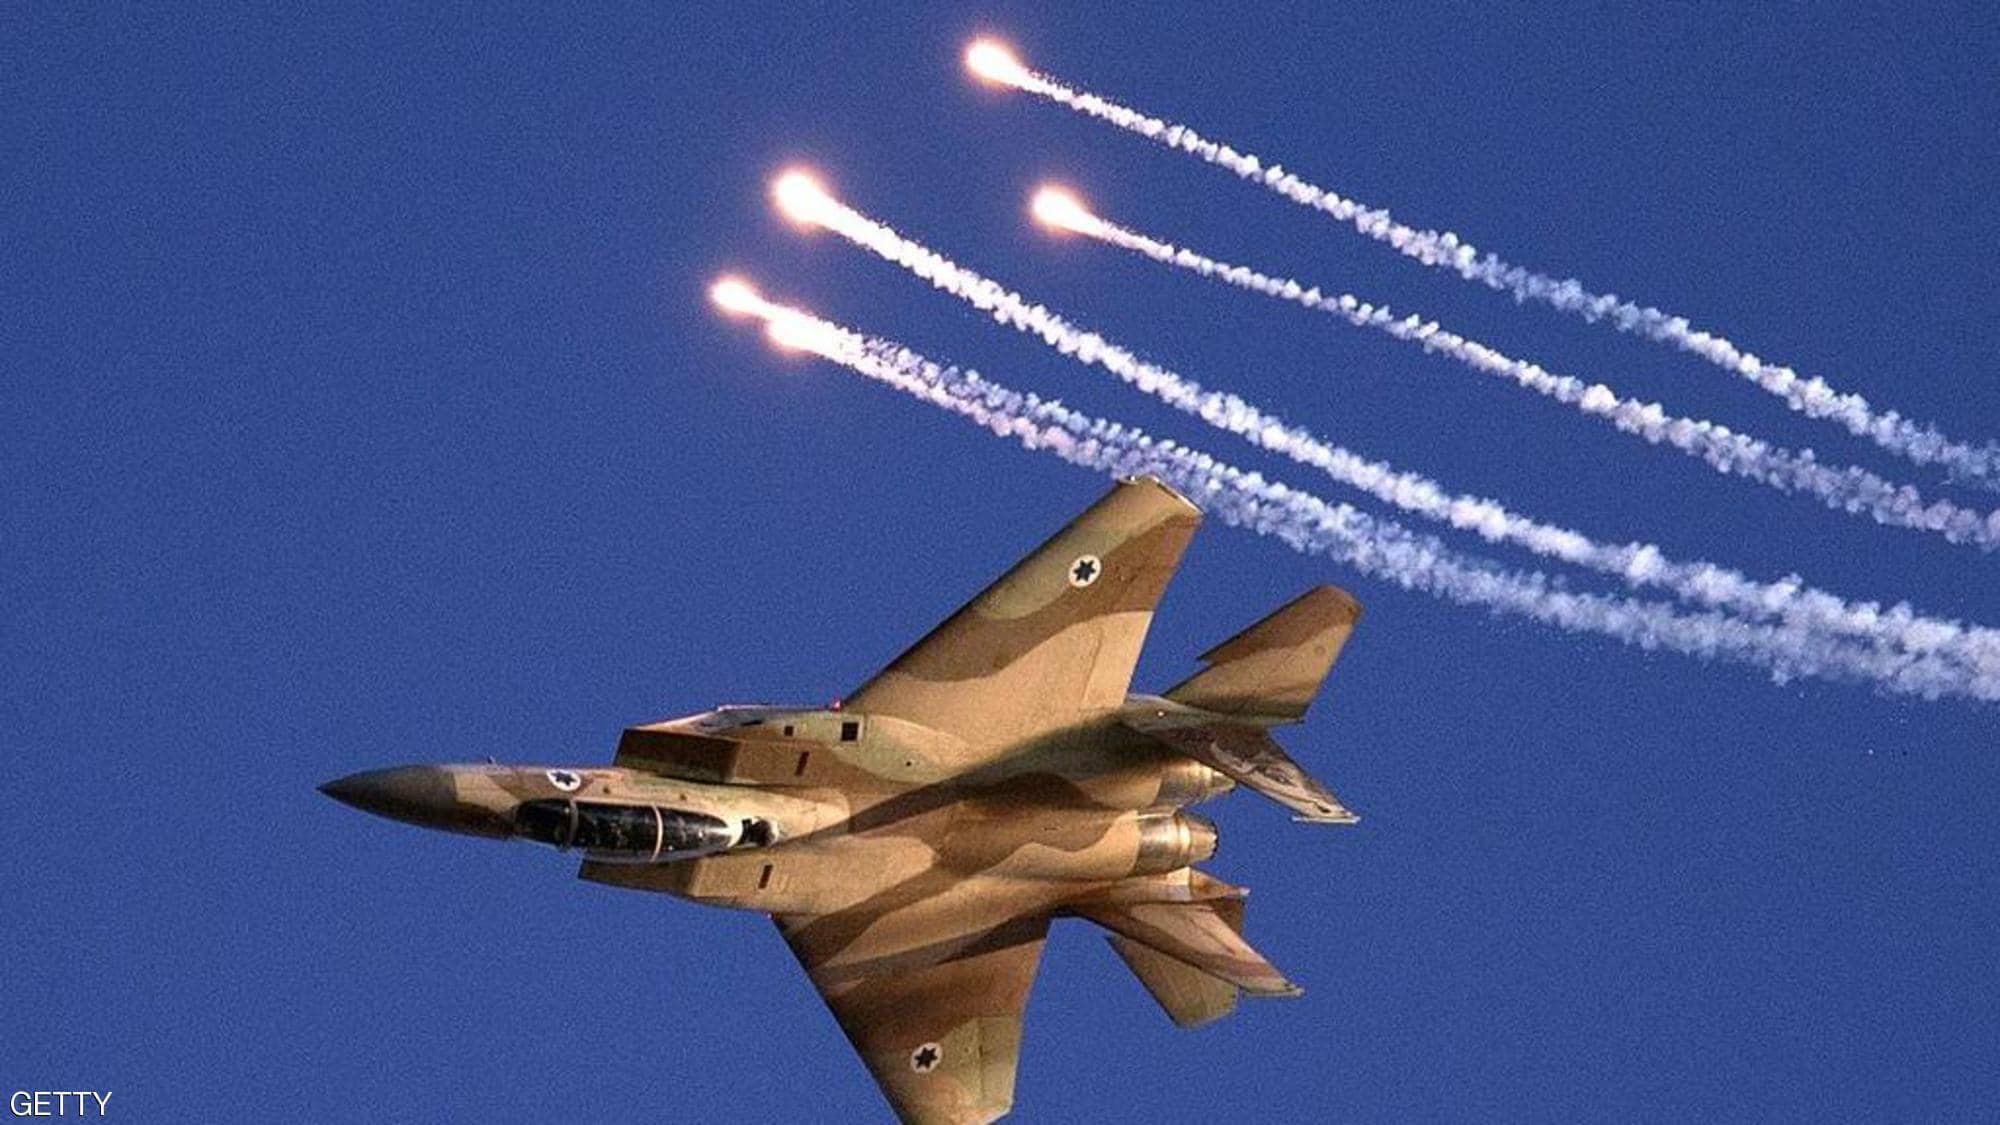 Quân đội Israel đánh bom các địa điểm của Hezbollah ở Lebanon Ảnh 1